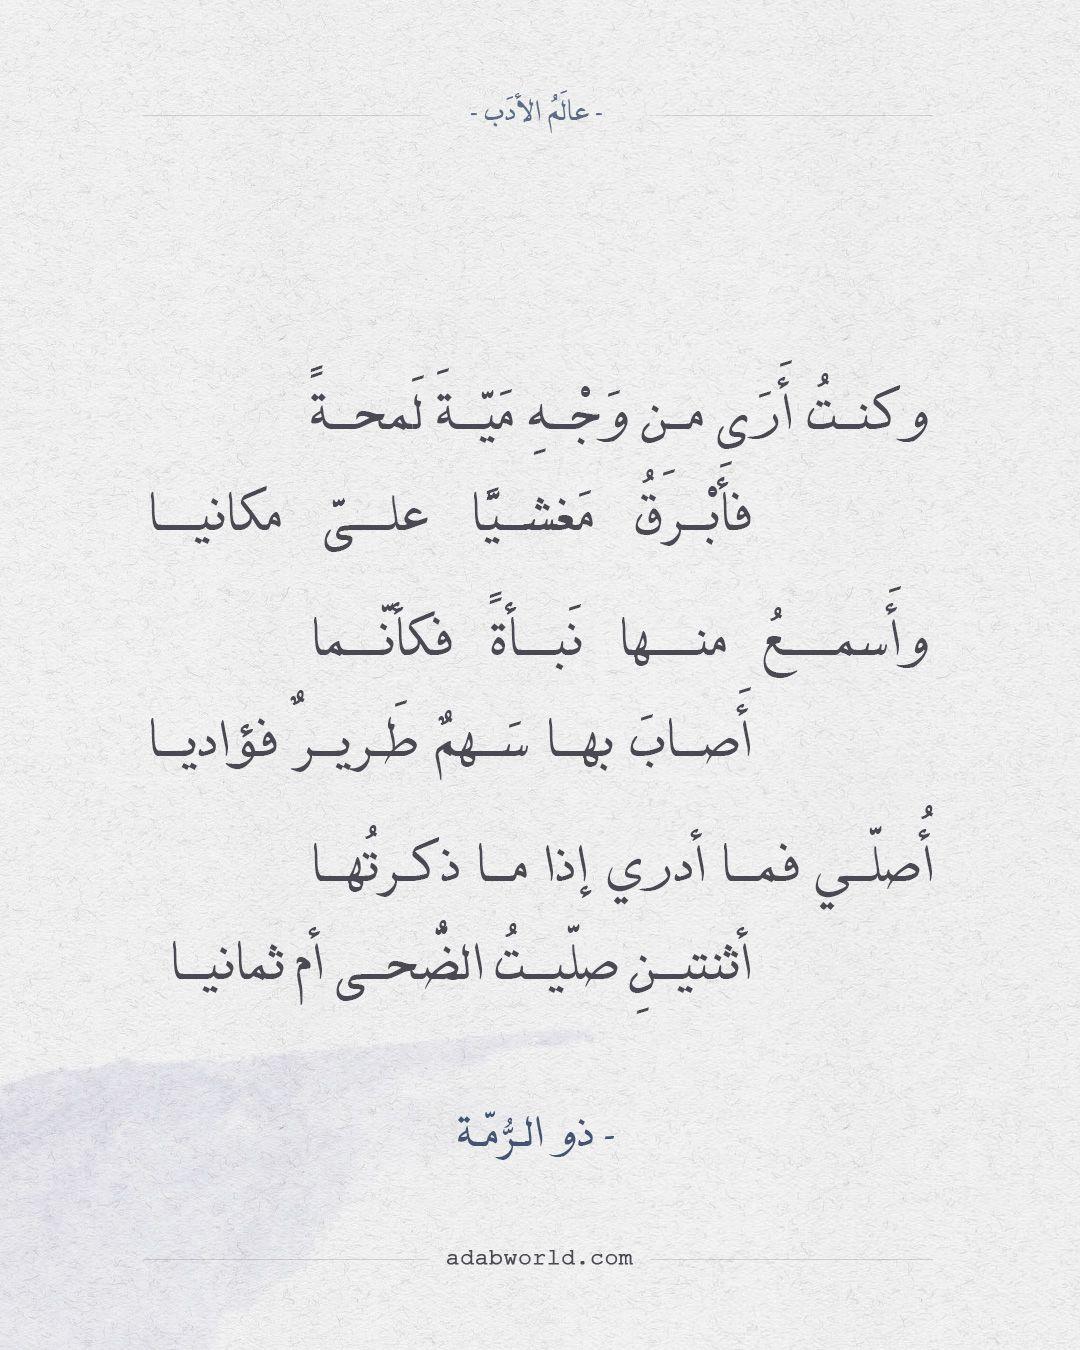 شعر ذو الرمة أصلي فما أدري إذا ما ذكرتها عالم الأدب Words Quotes Arabic Love Quotes Quotes